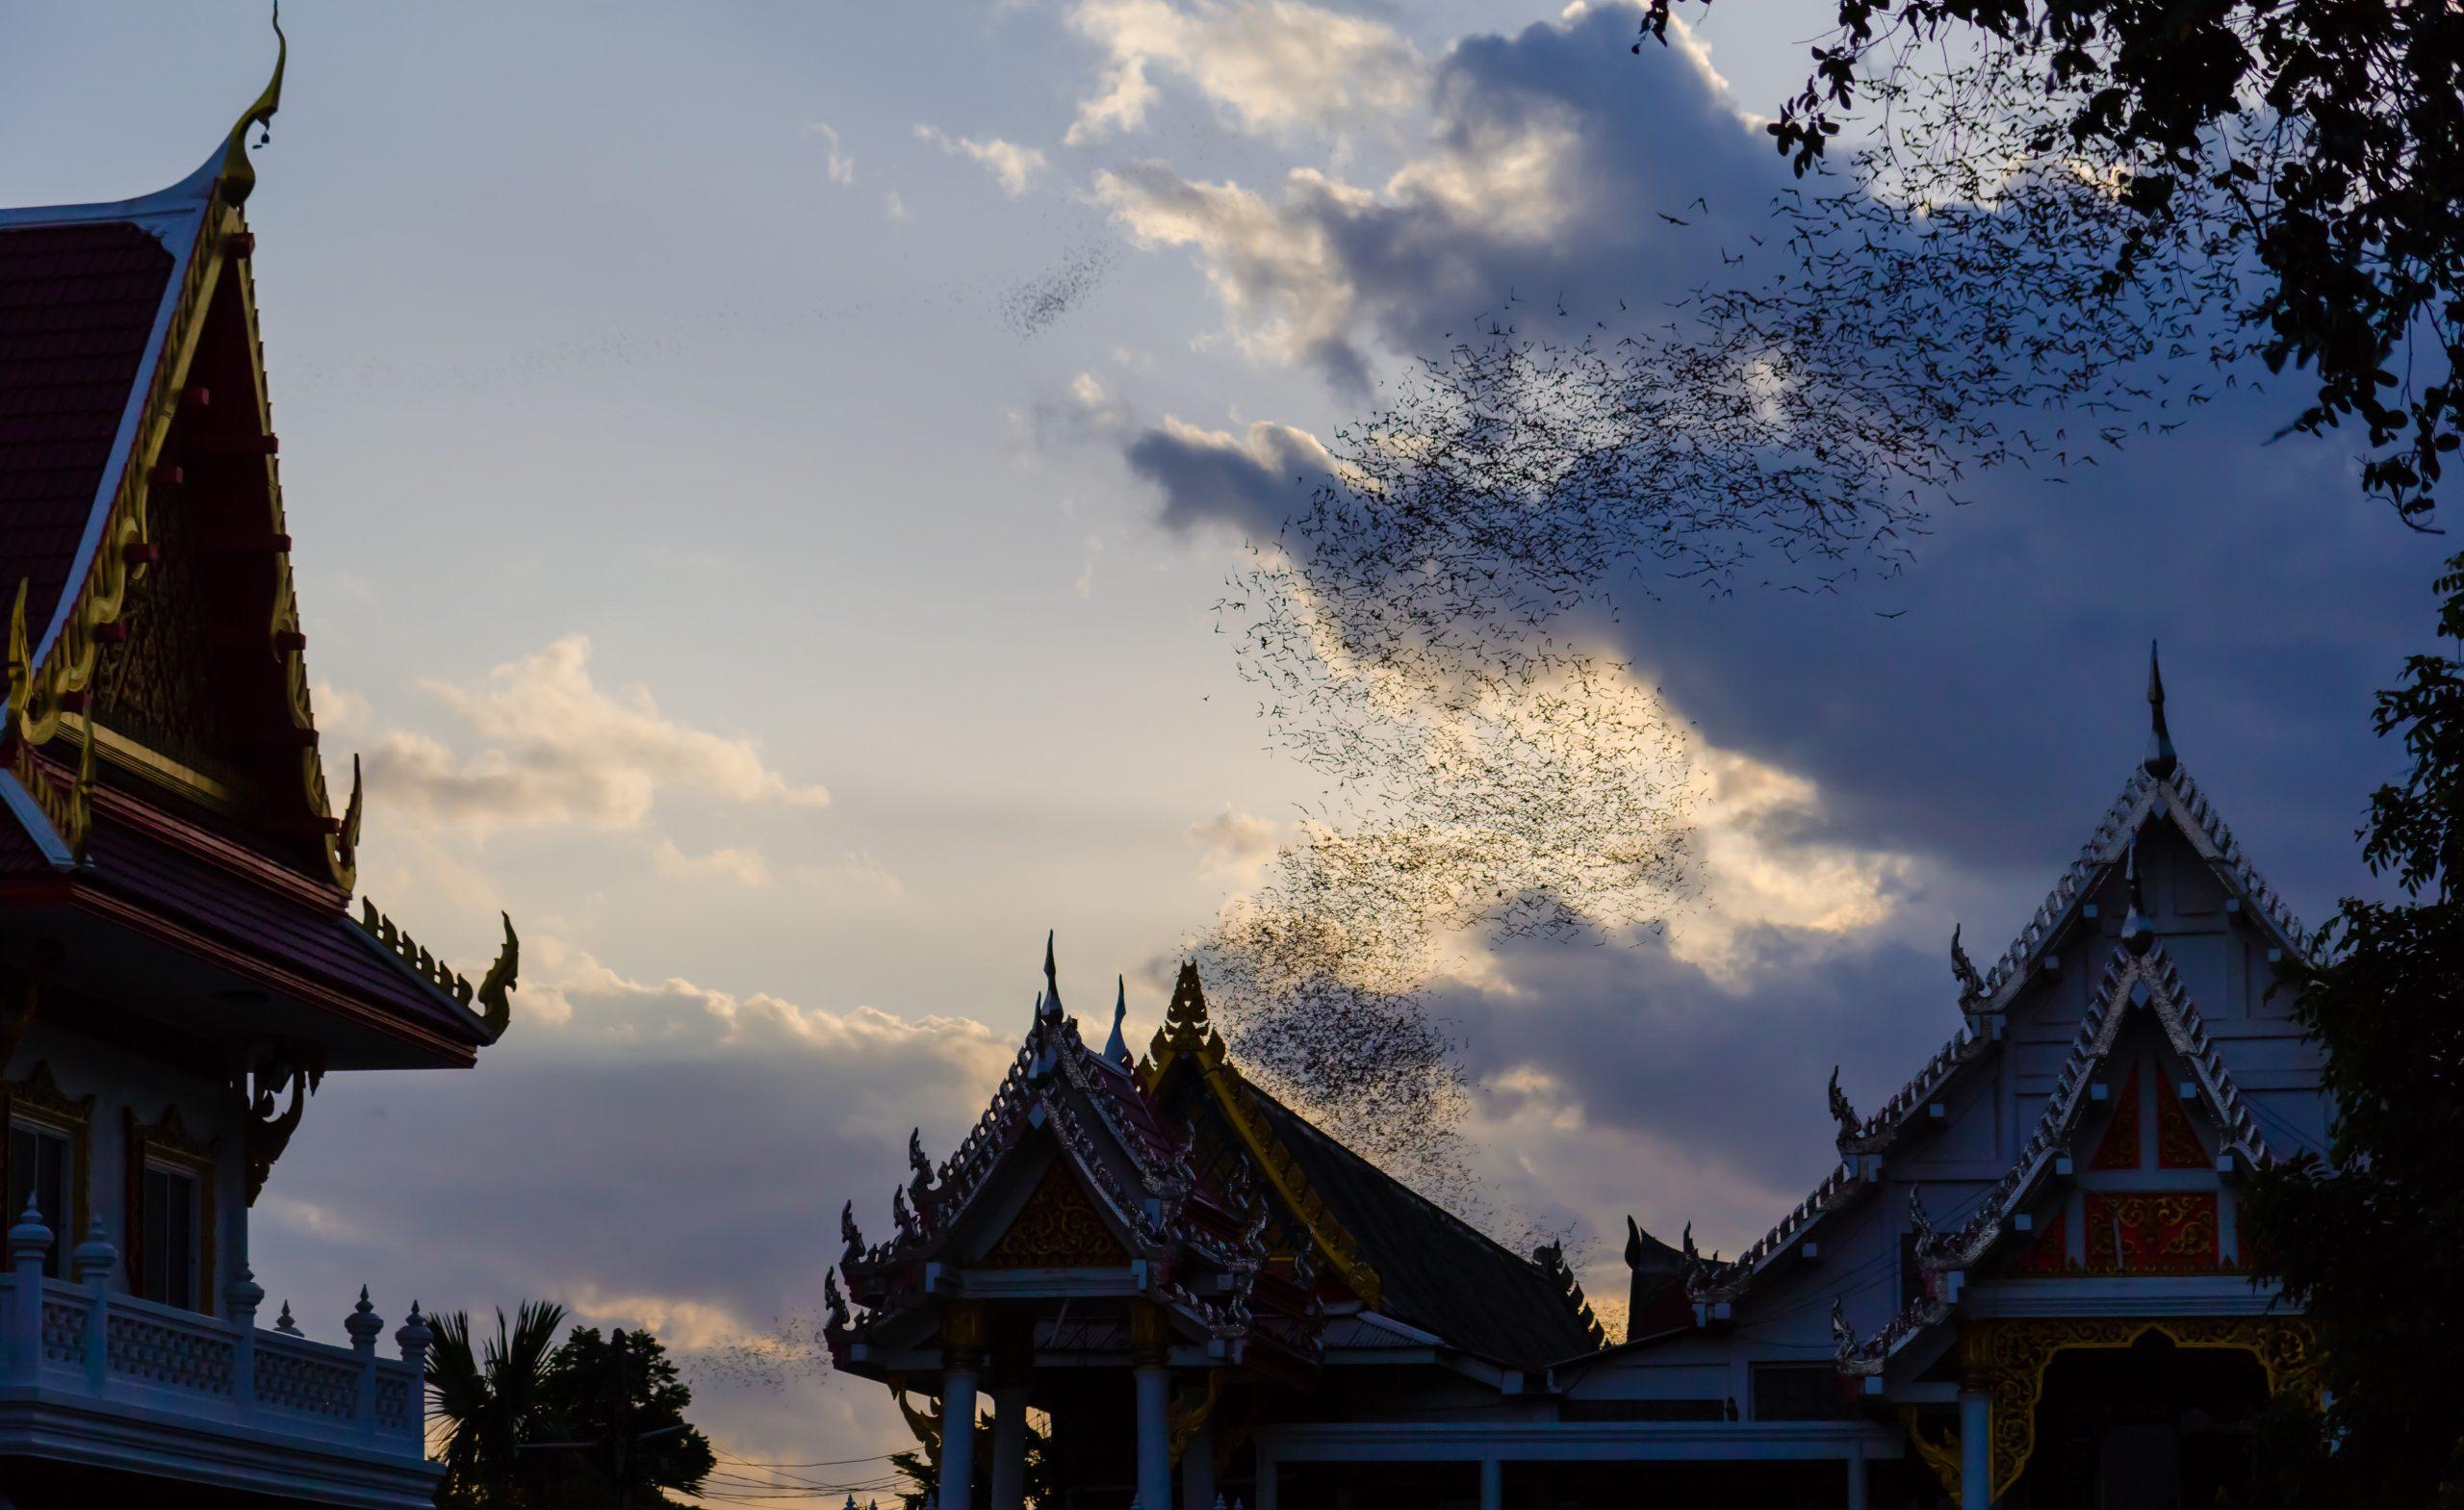 Hundred Million Bats at Wat Khao Chong Pran, Ratchaburi Thailand